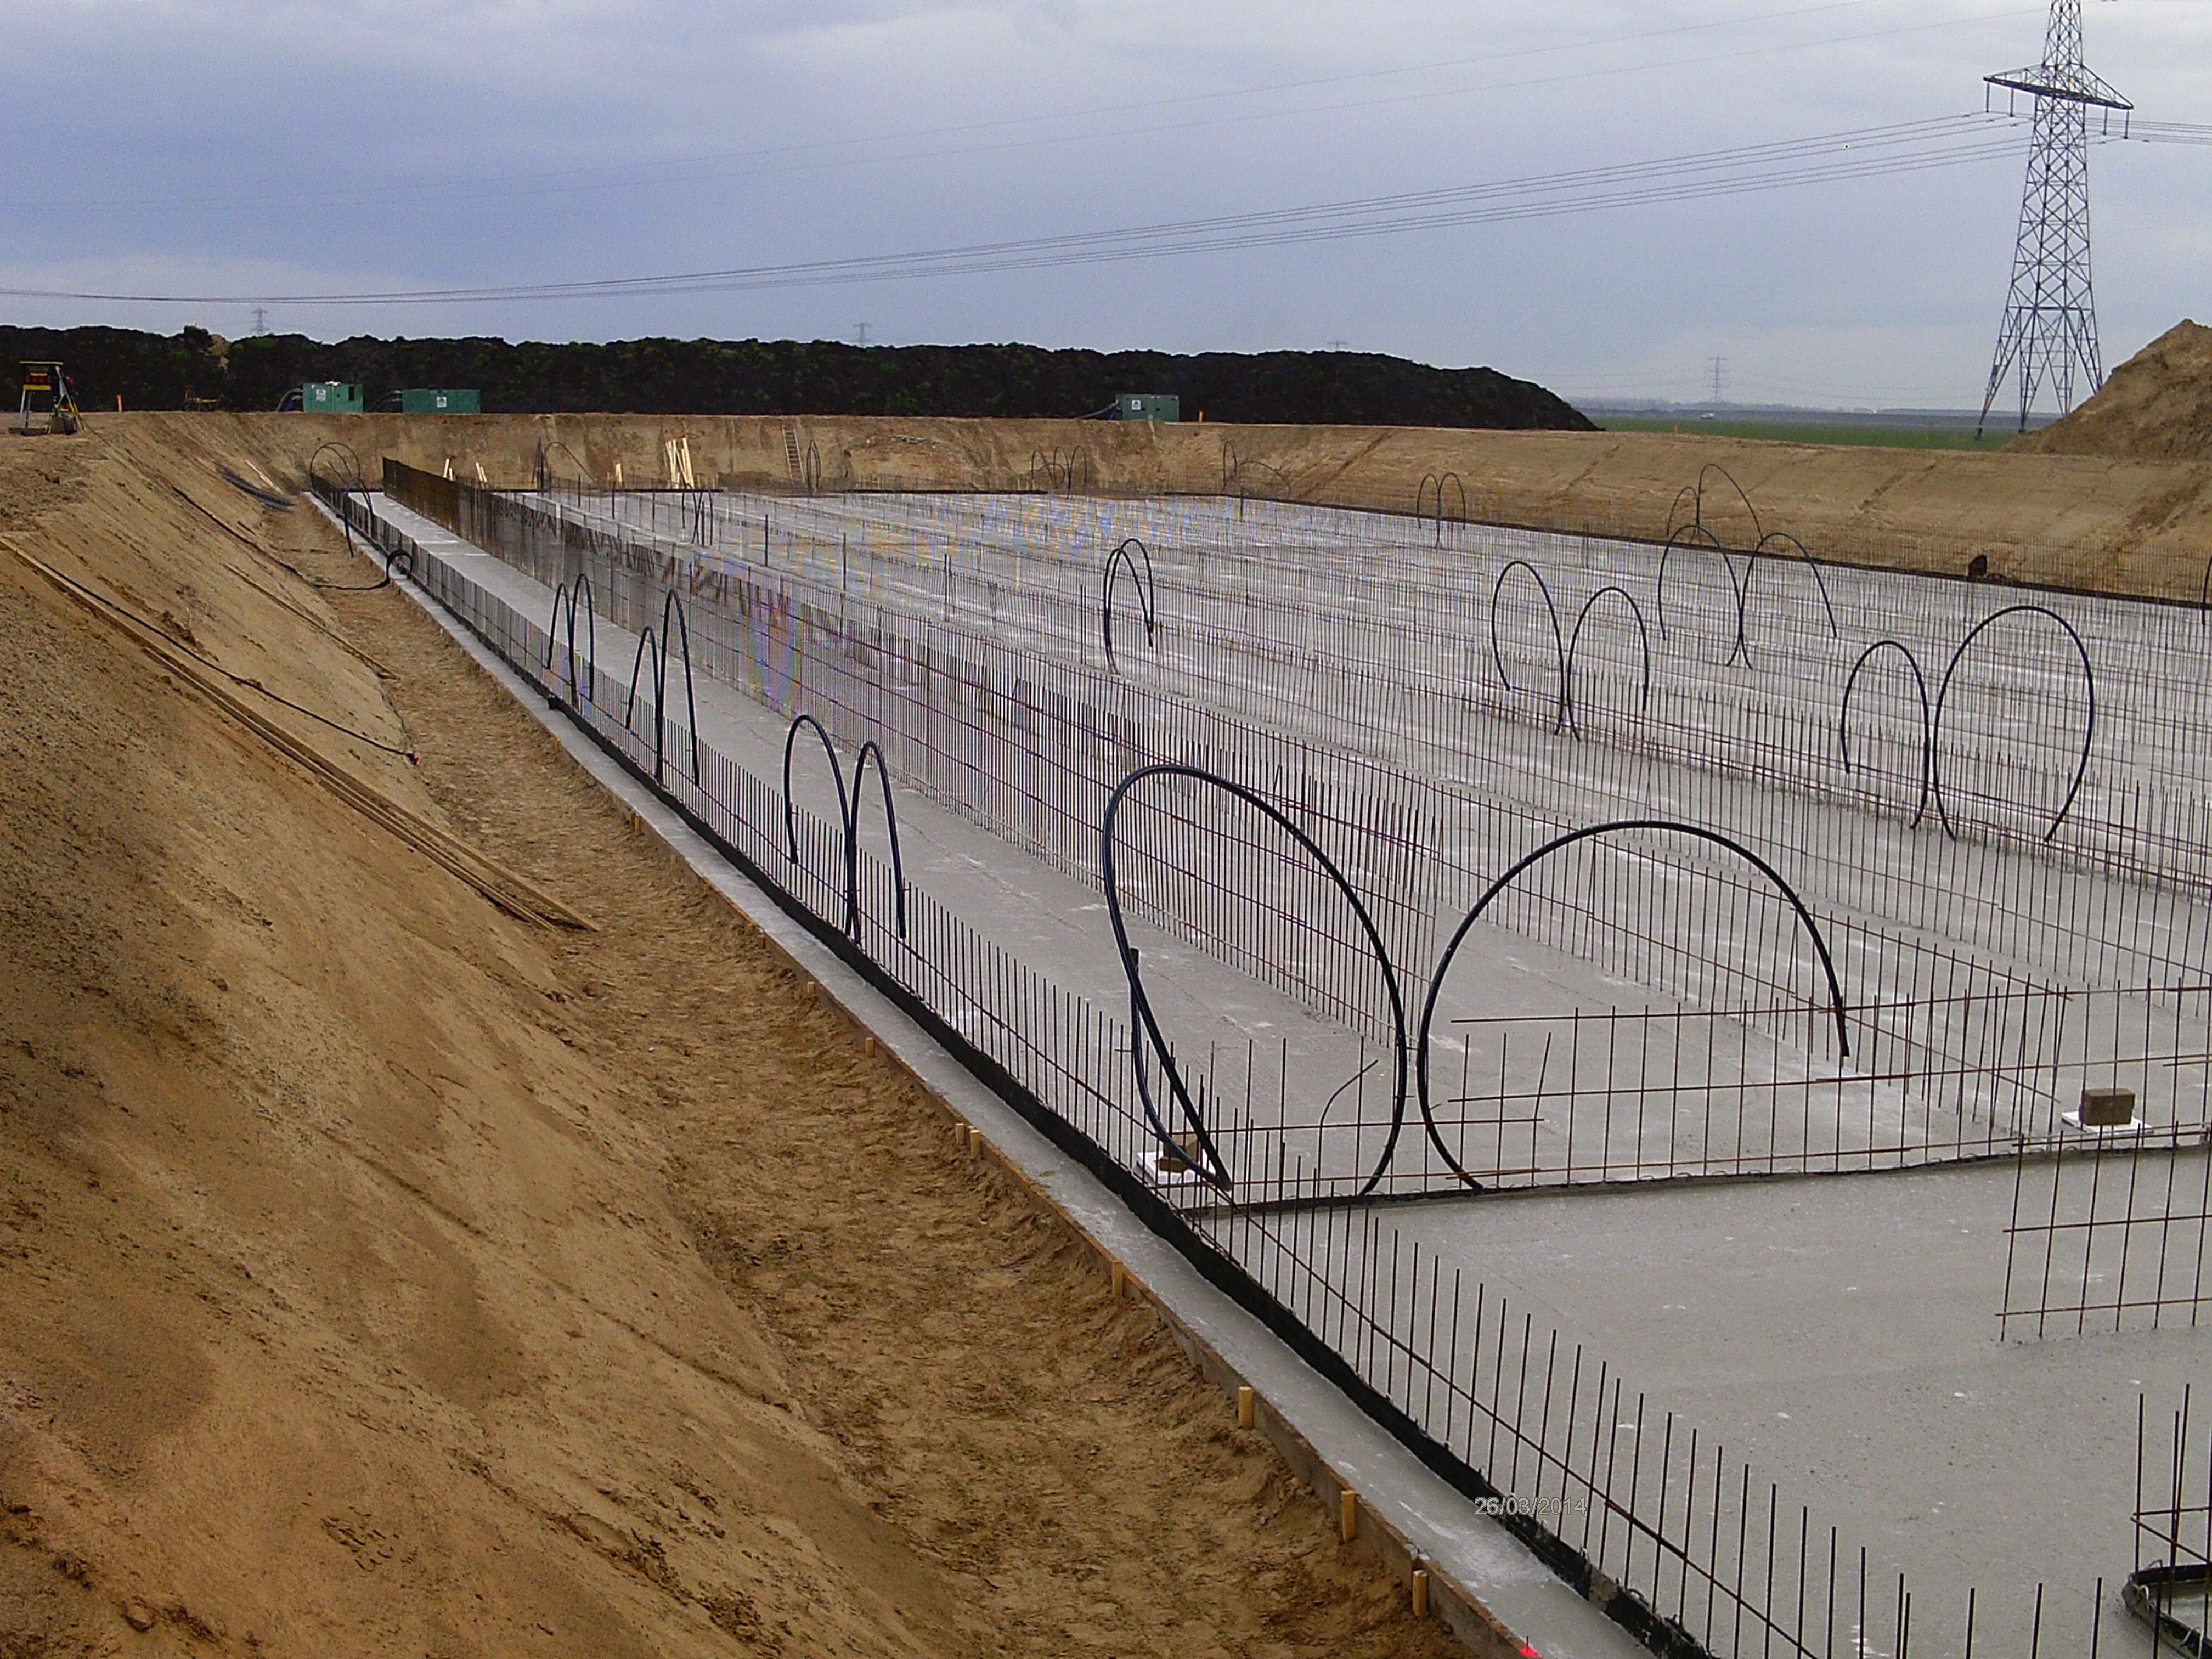 Schrumpf toepassing stortvoegenband SFA-10 bij mestkelder